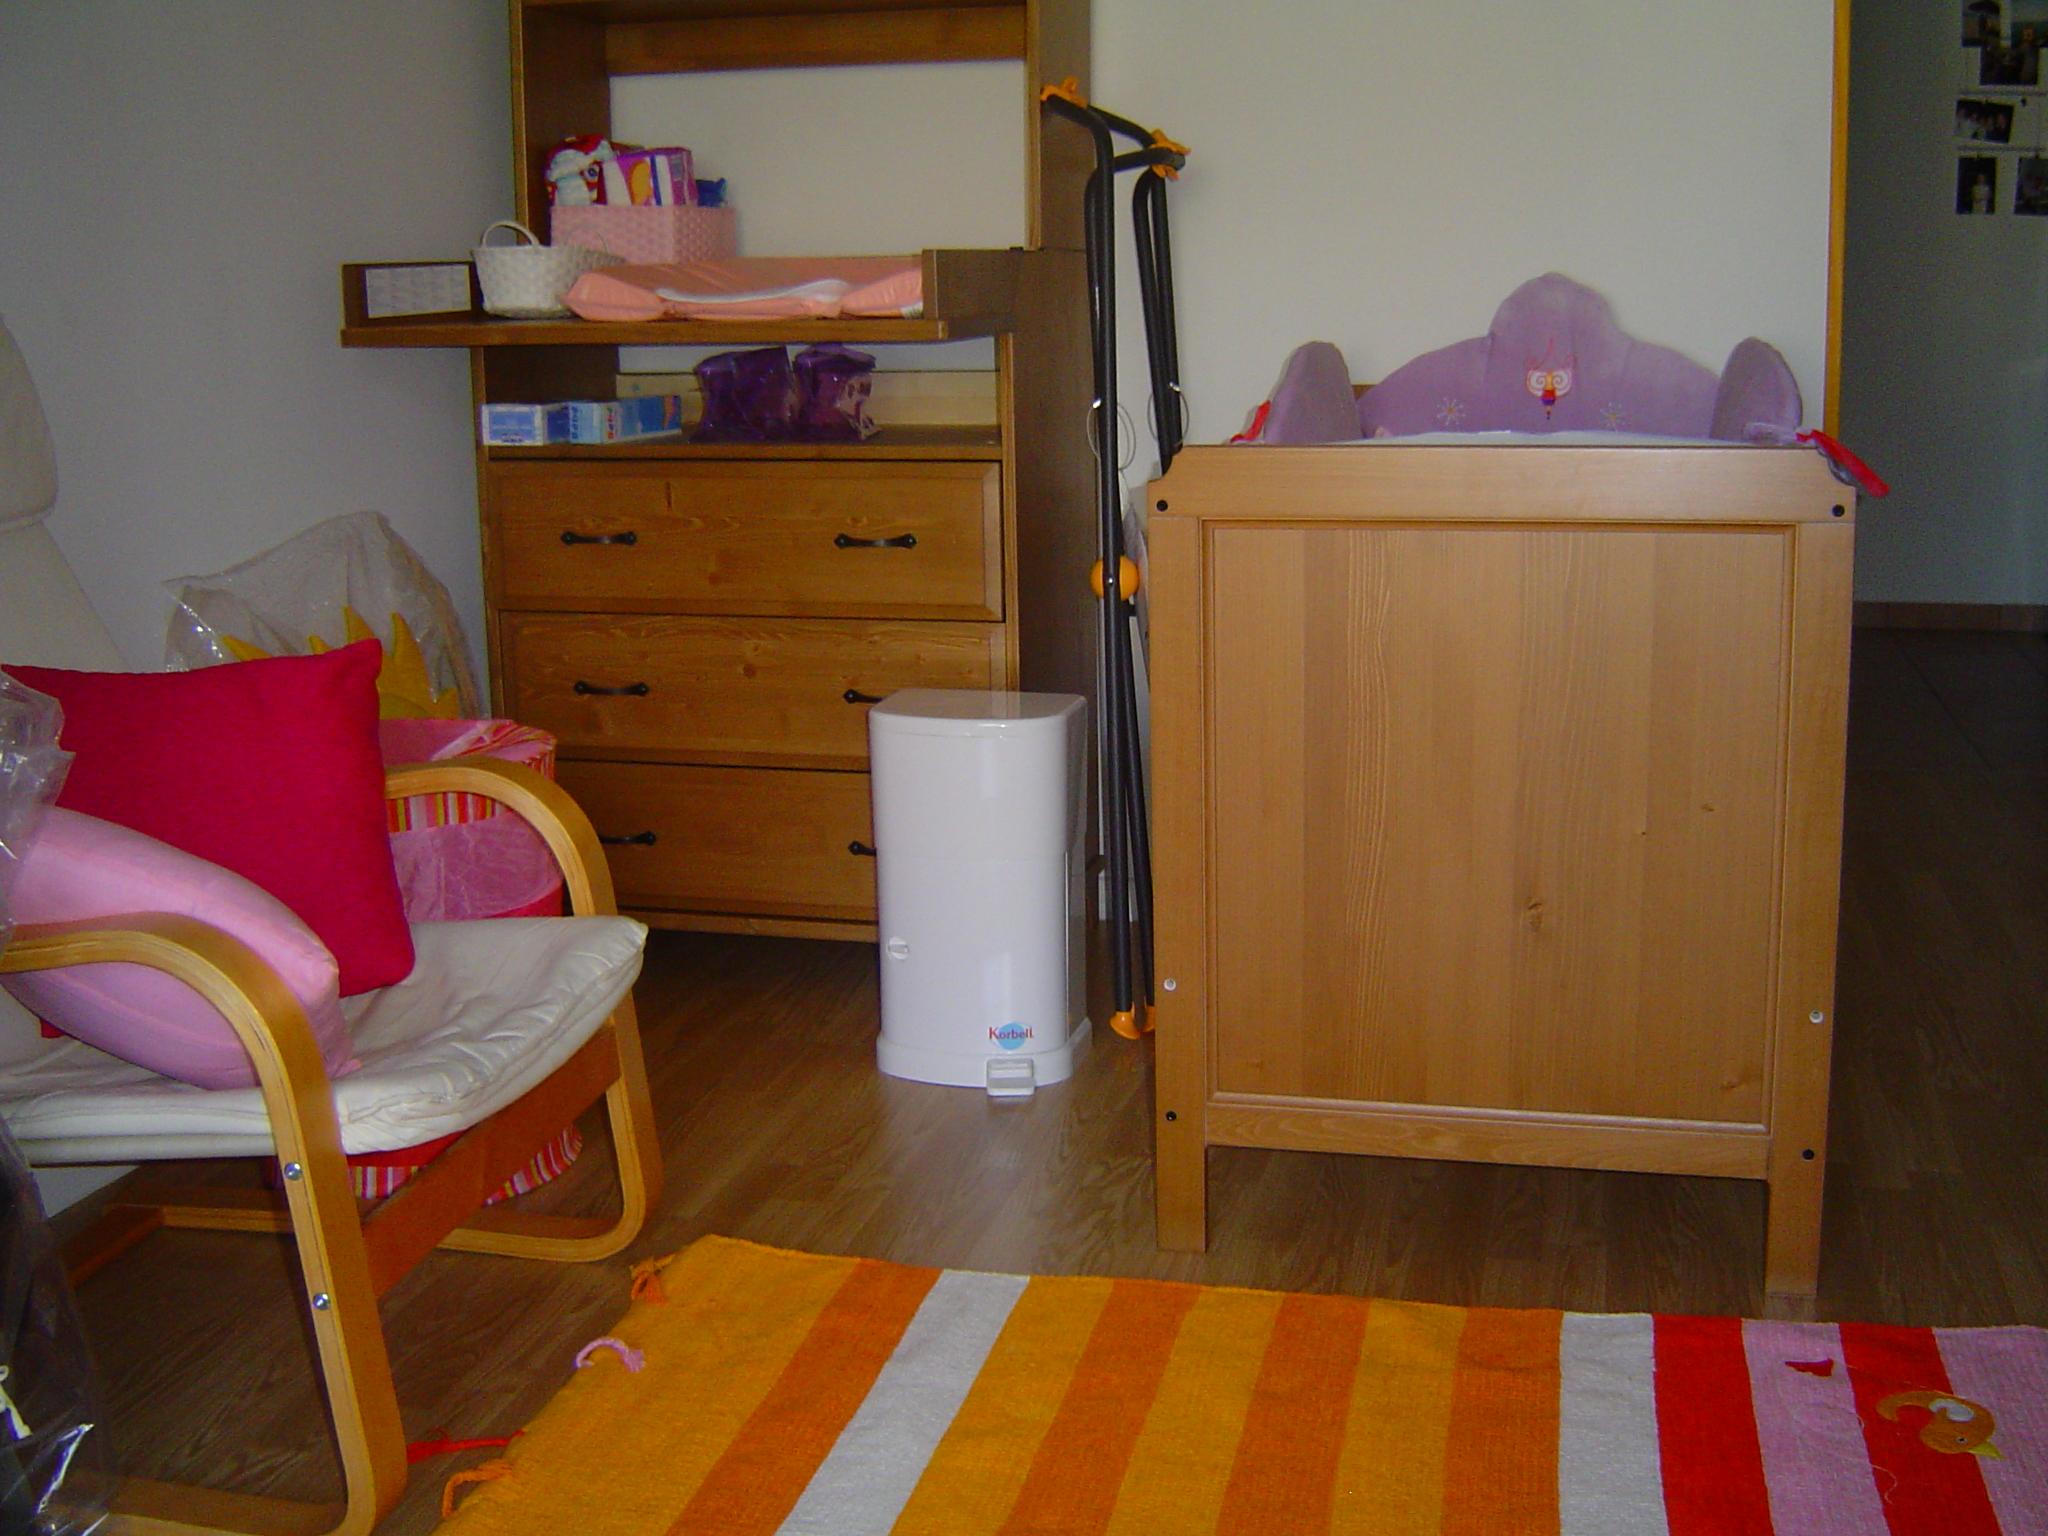 ma nouvelle chambre, il faut venir la voir!!!